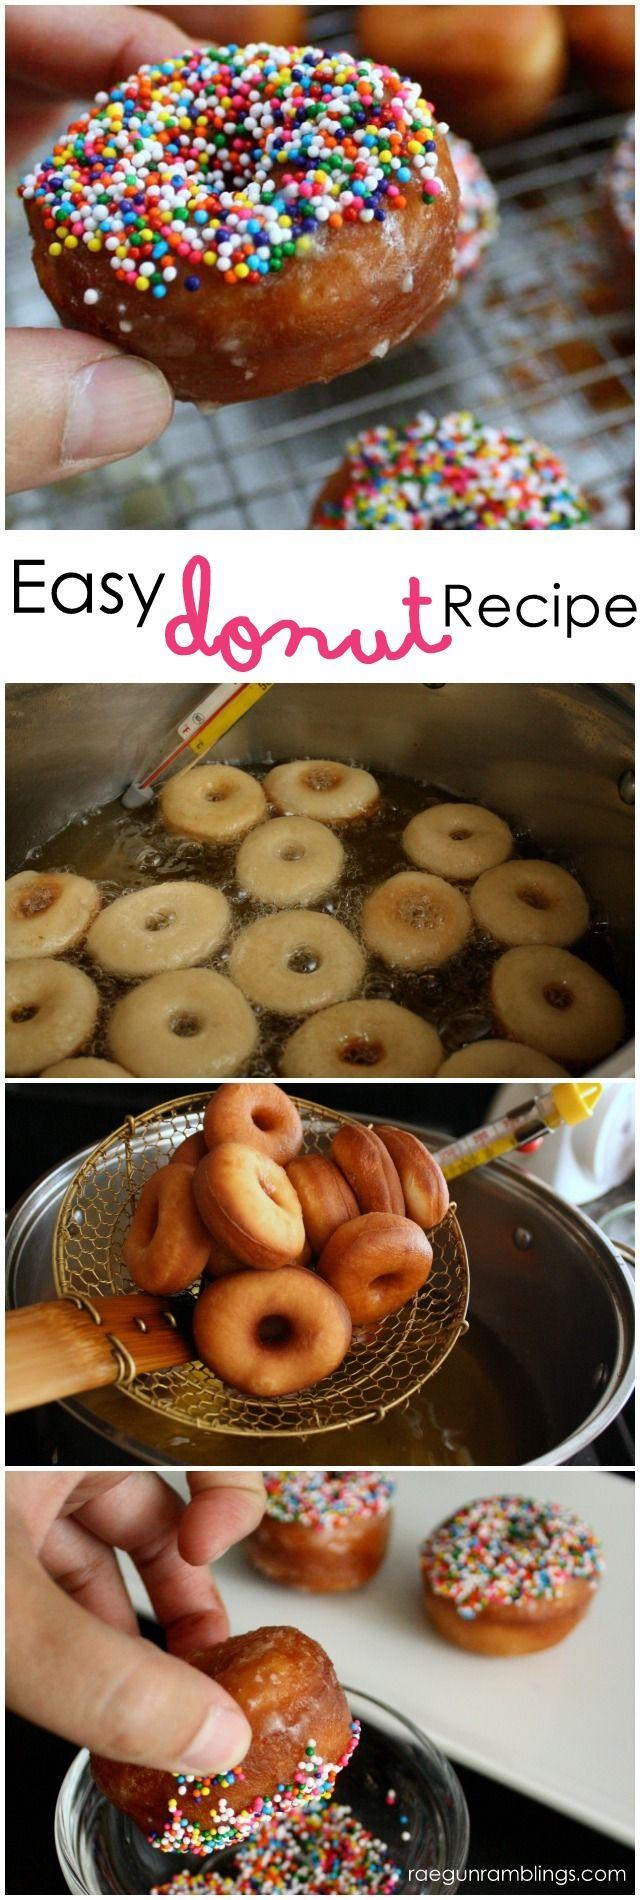 Dairy Free Donut Recipe and Mini Donut Recipe Round Up - Rae Gun Ramblings